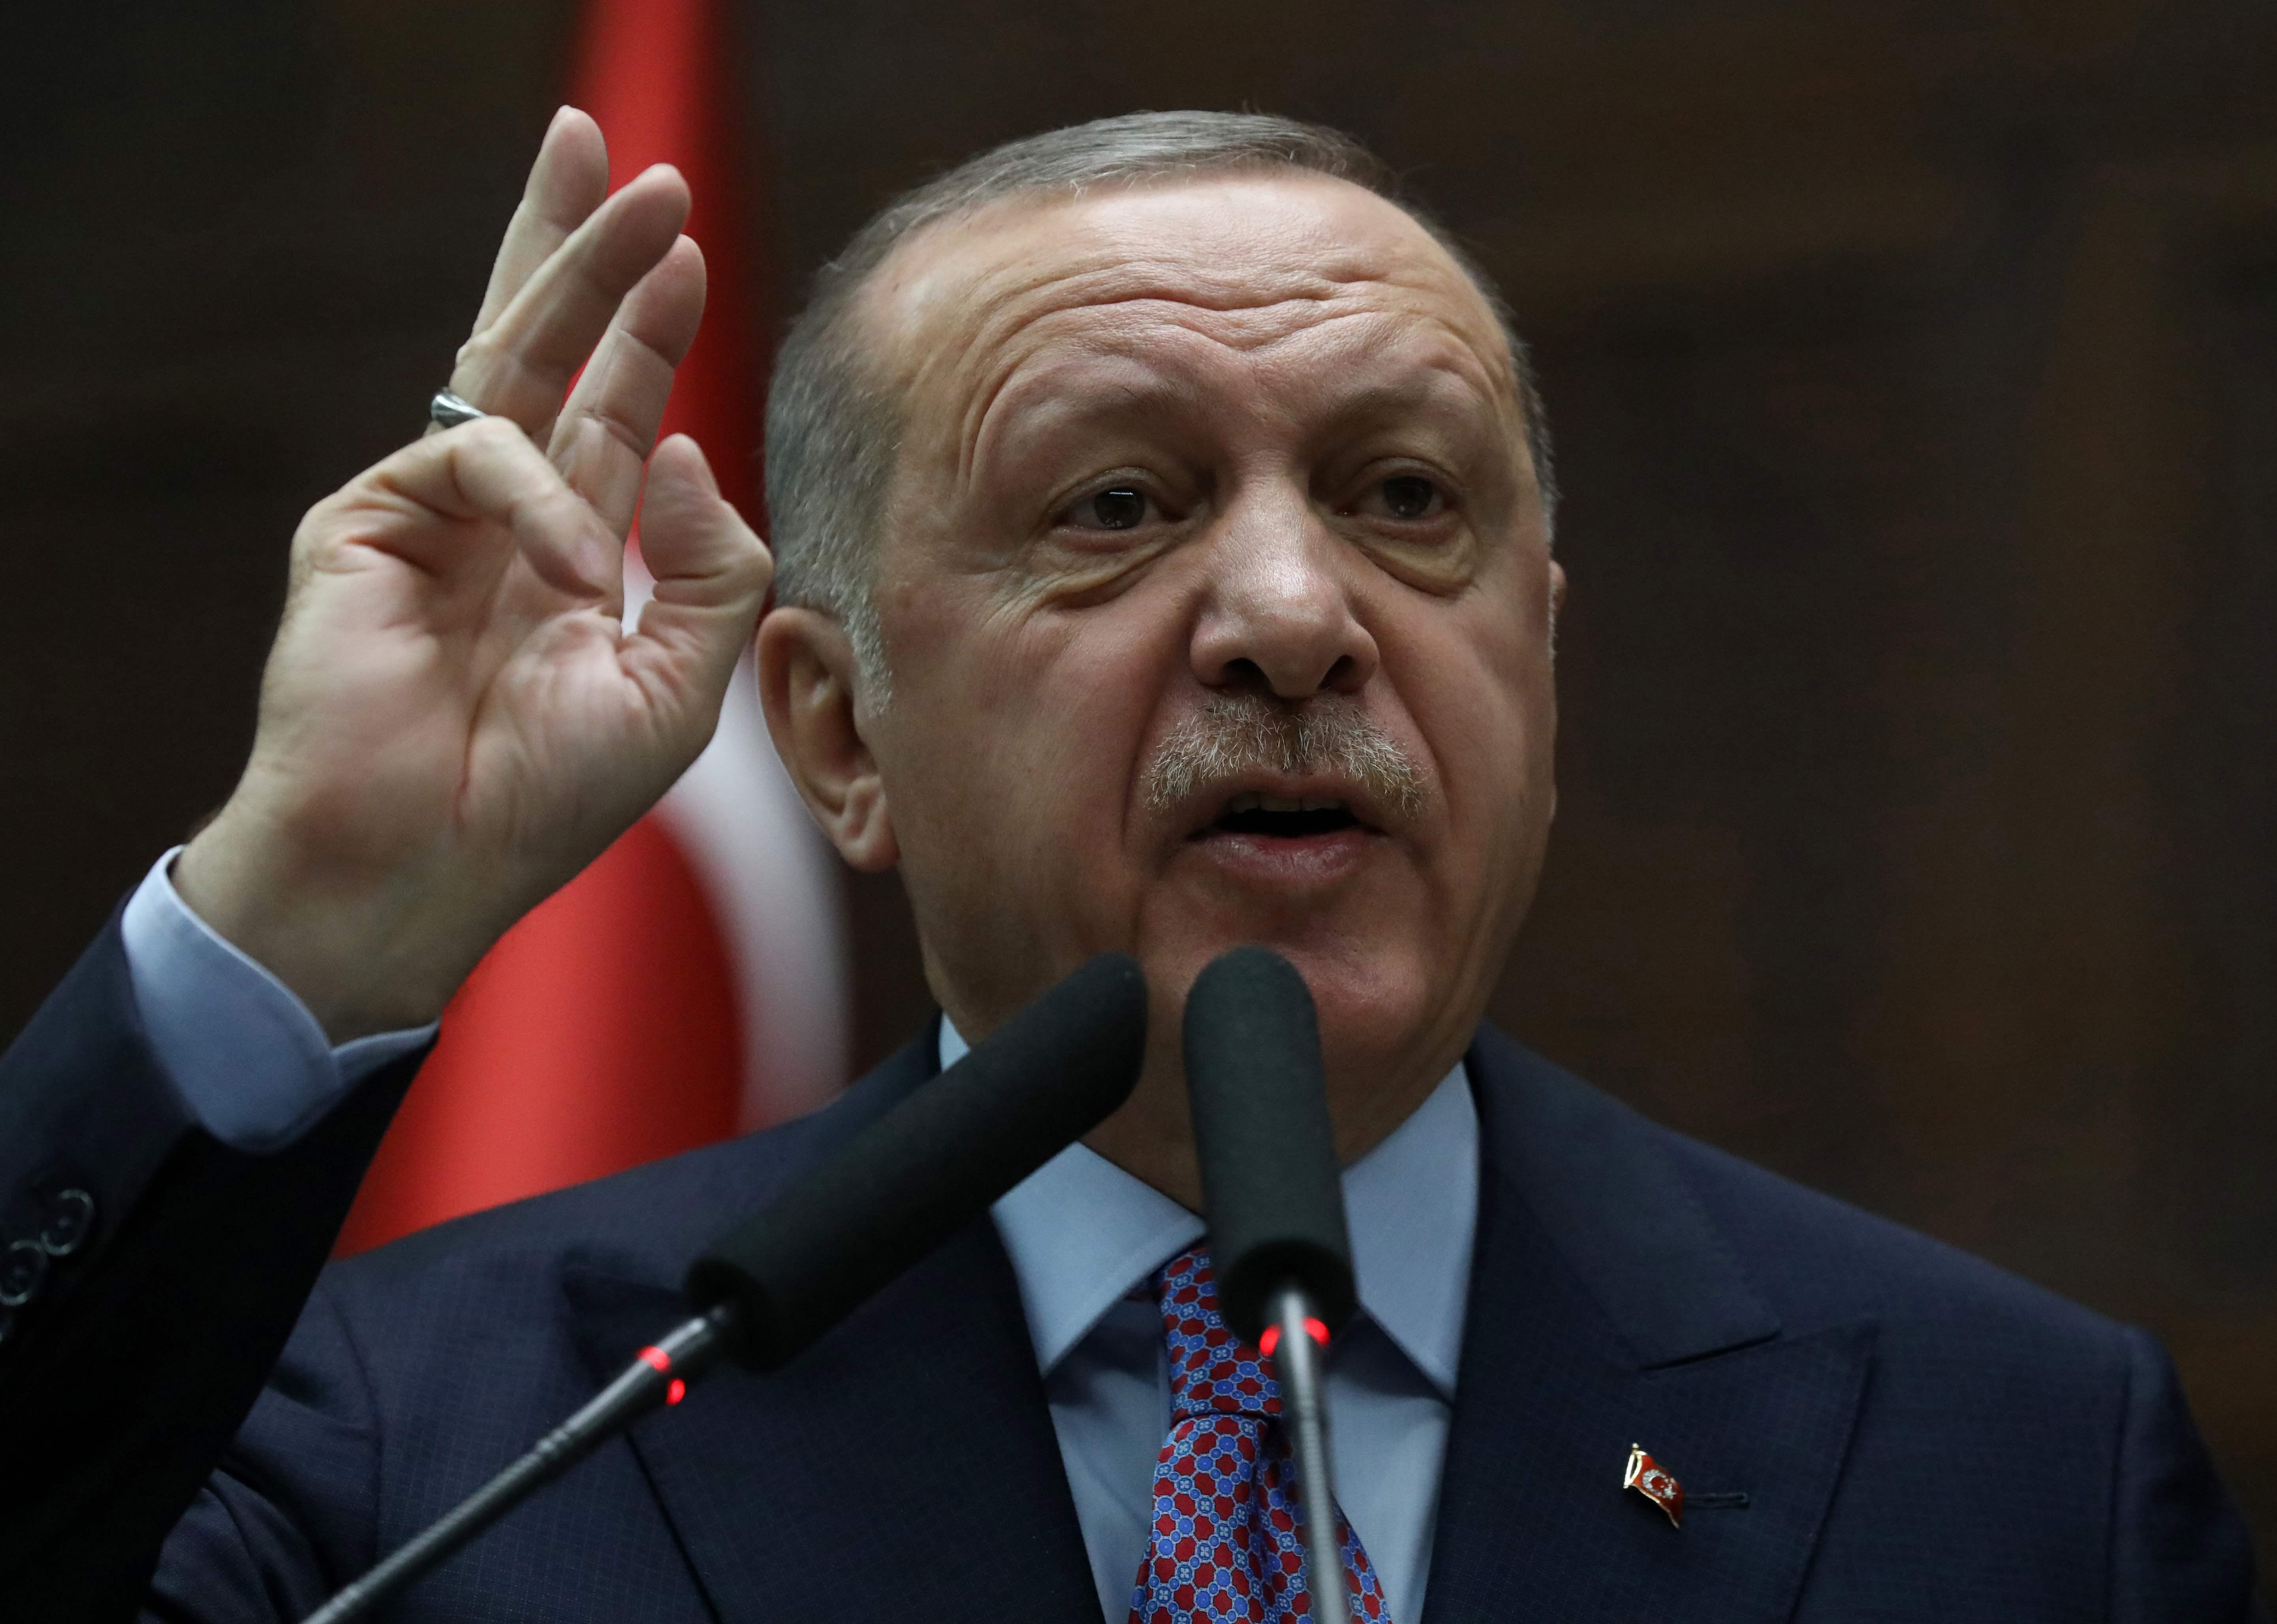 La Turquie ne stoppera pas les migrants essayant de se rendre en Europe